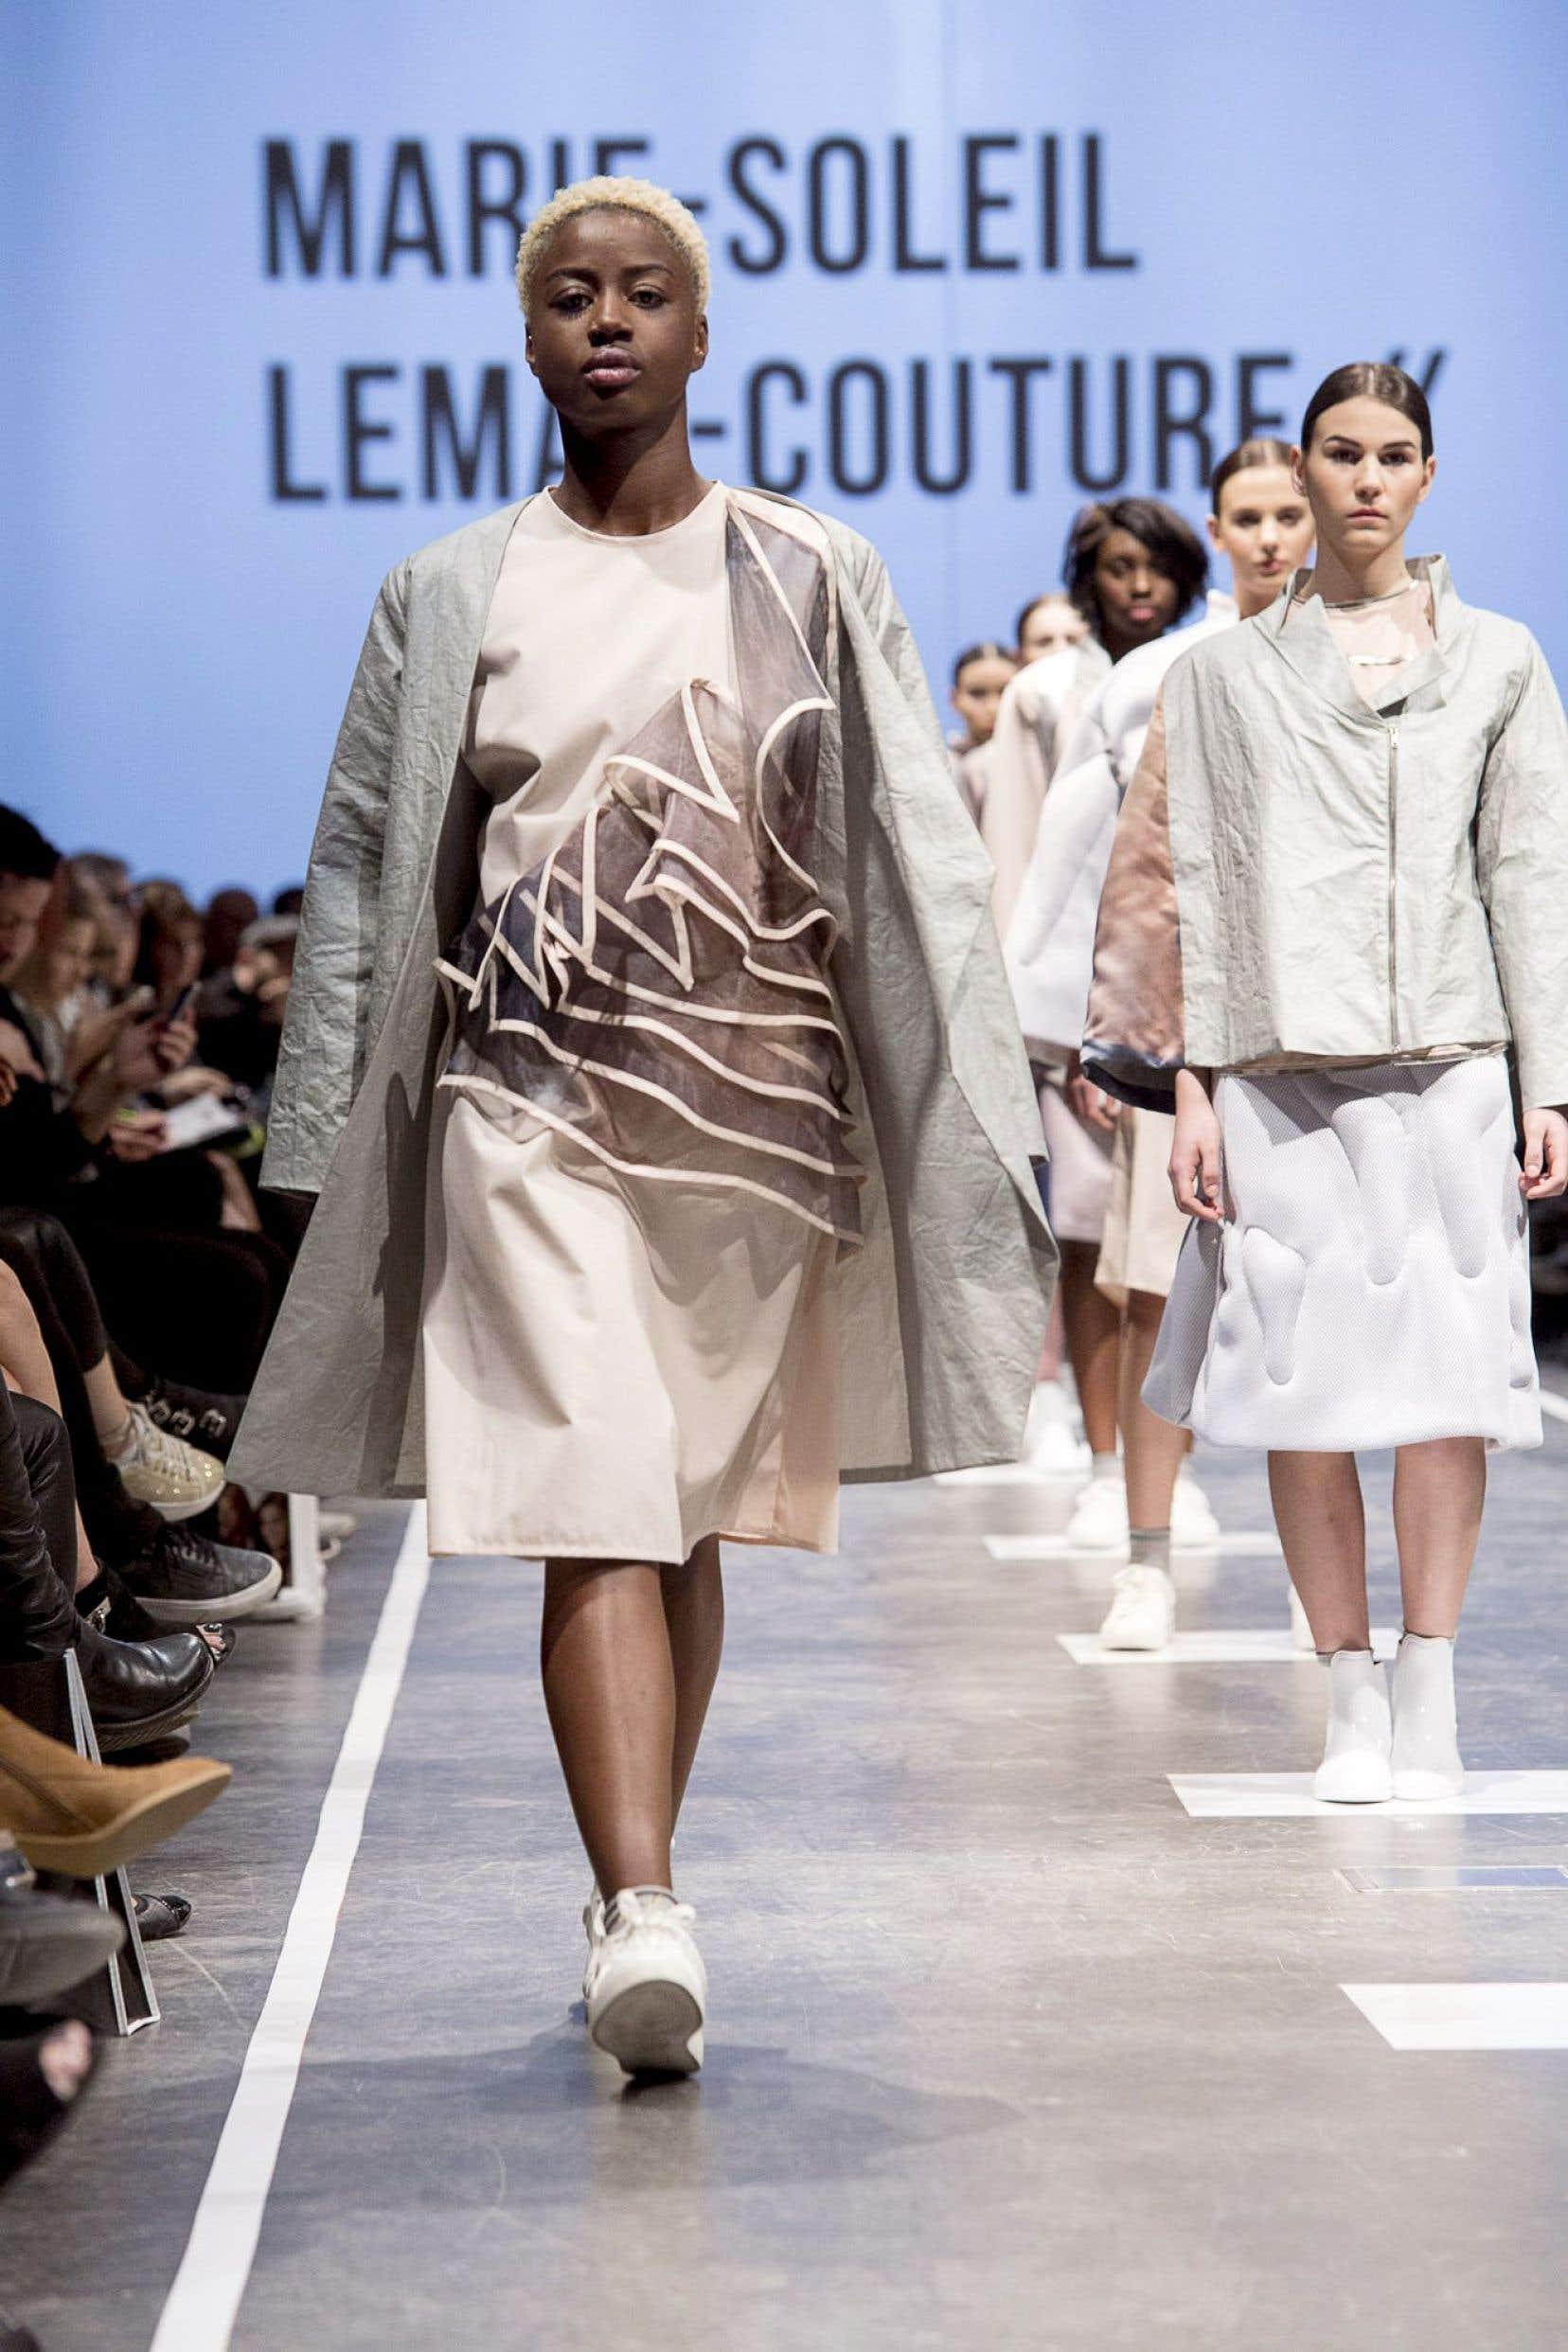 La collection de Marie-Soleil Lemay-Couture